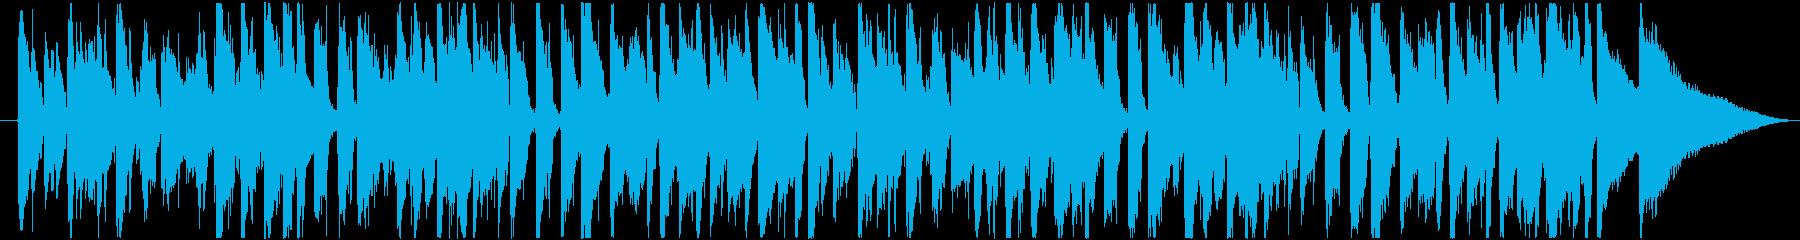 伝統的 ジャズ ビバップ カントリ...の再生済みの波形